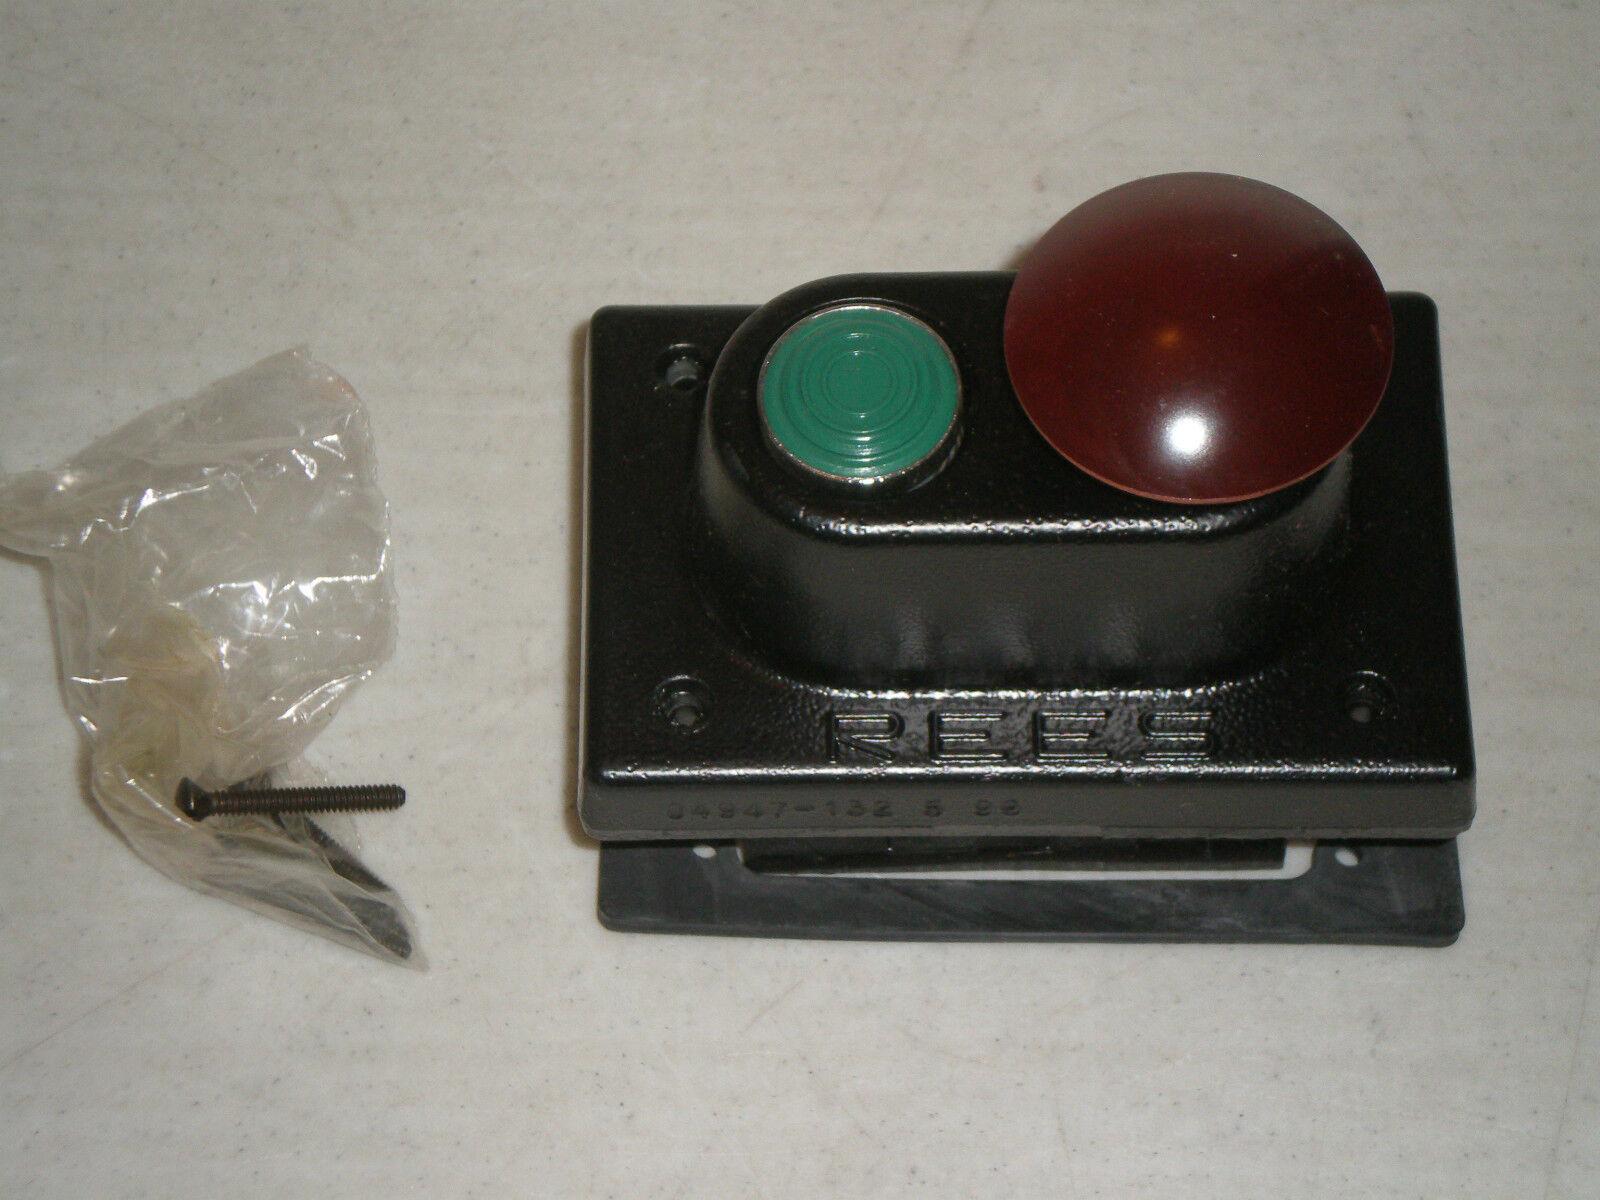 Nuevo Rees 04947-132 verde Inserto   Seta Roja Desatascador Telefonista